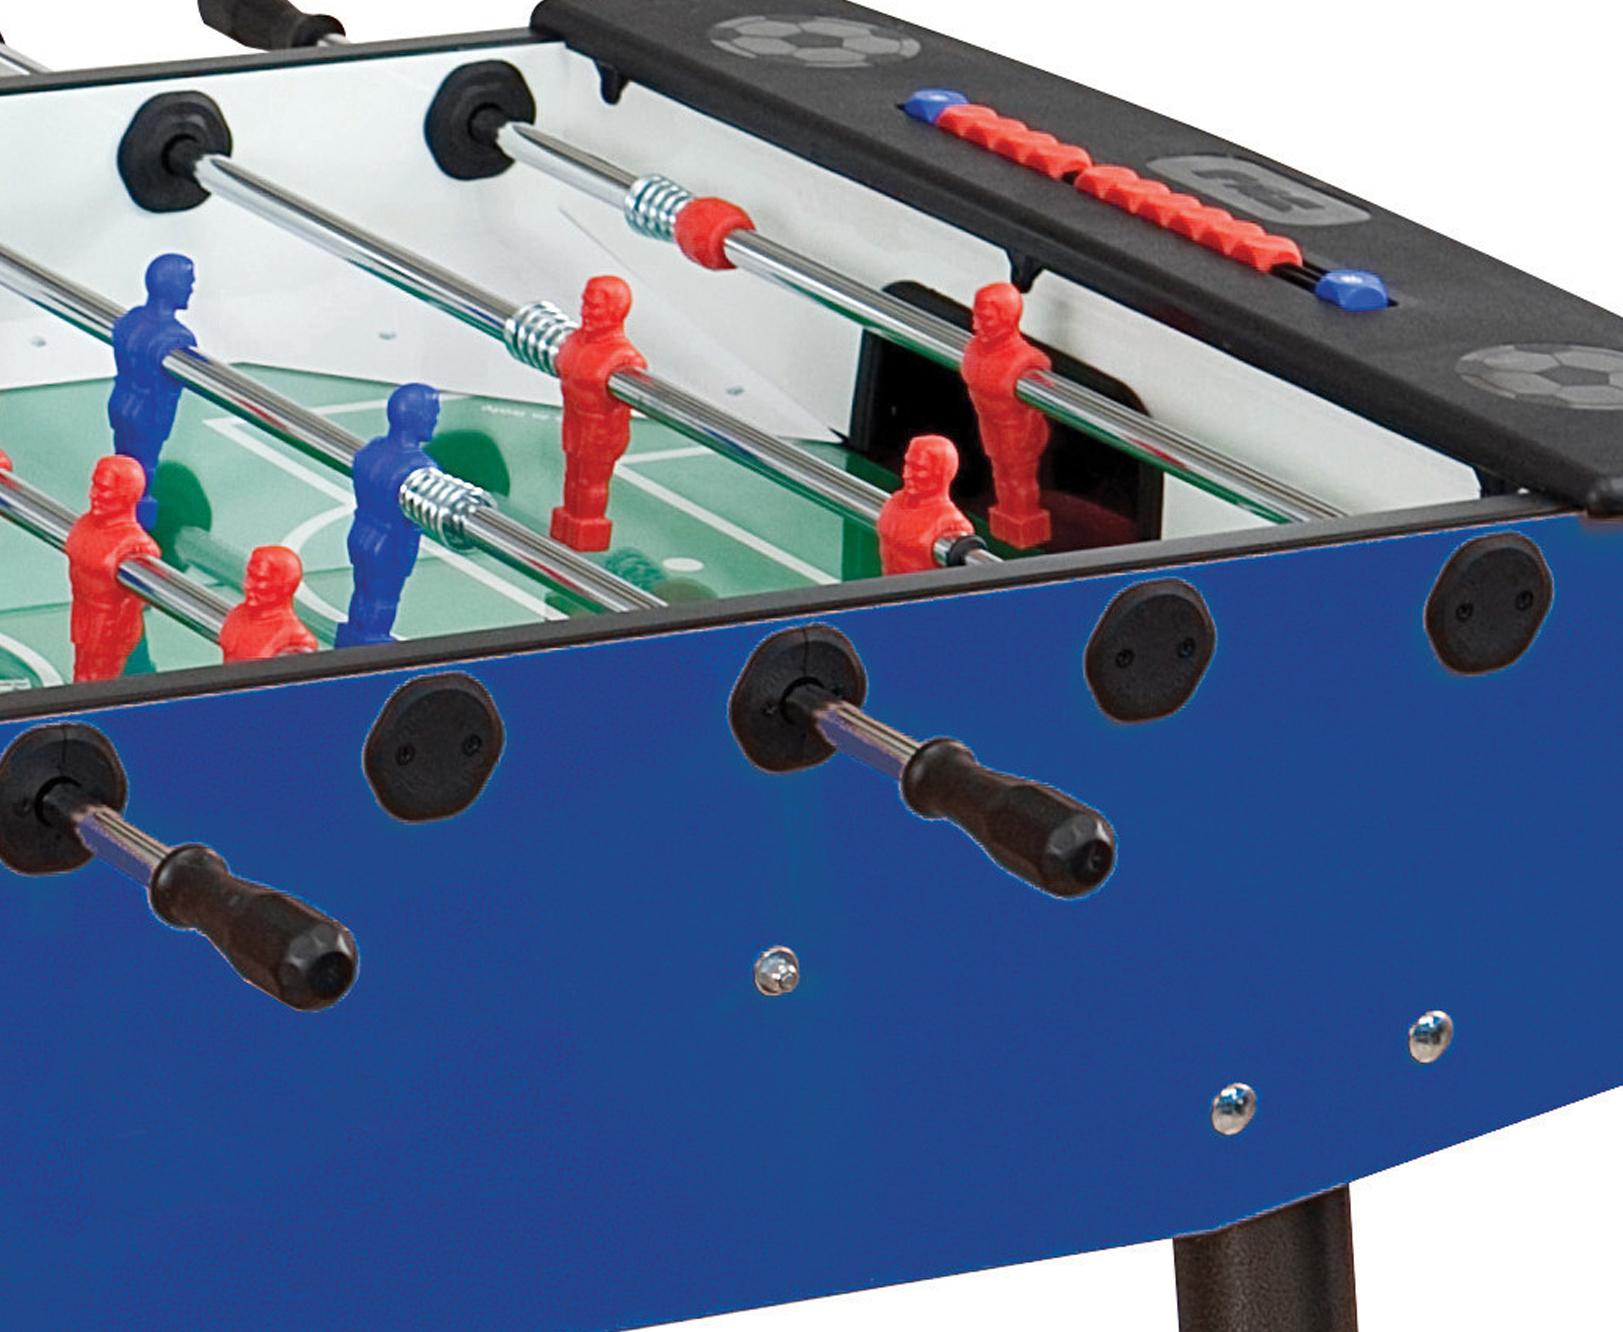 Výběr stolního fotbalu s průchozími nebo teleskopickými tyčemi